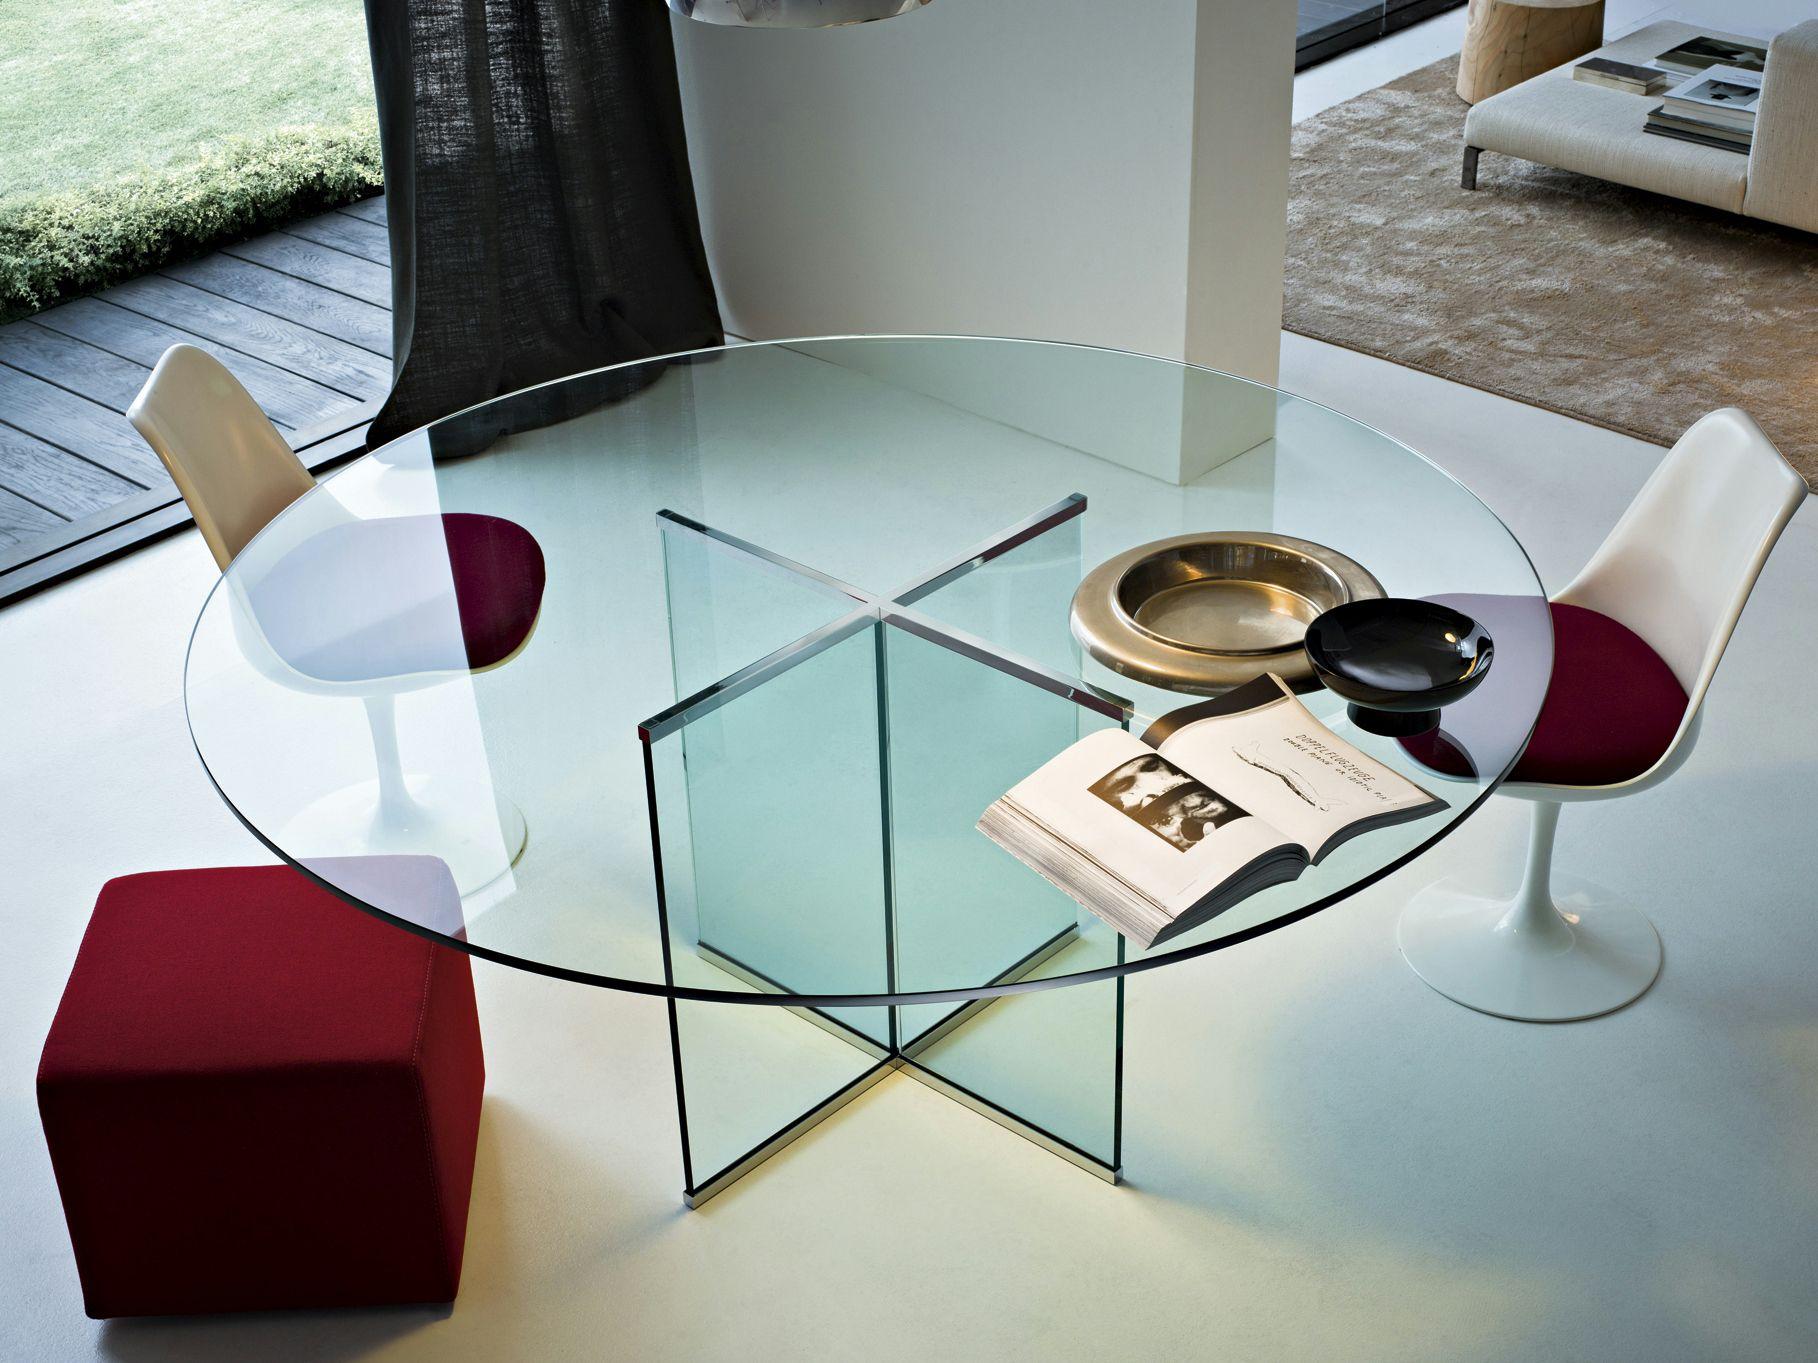 Eros tavolo rotondo by gallotti radice - Tavolo cristallo design ...